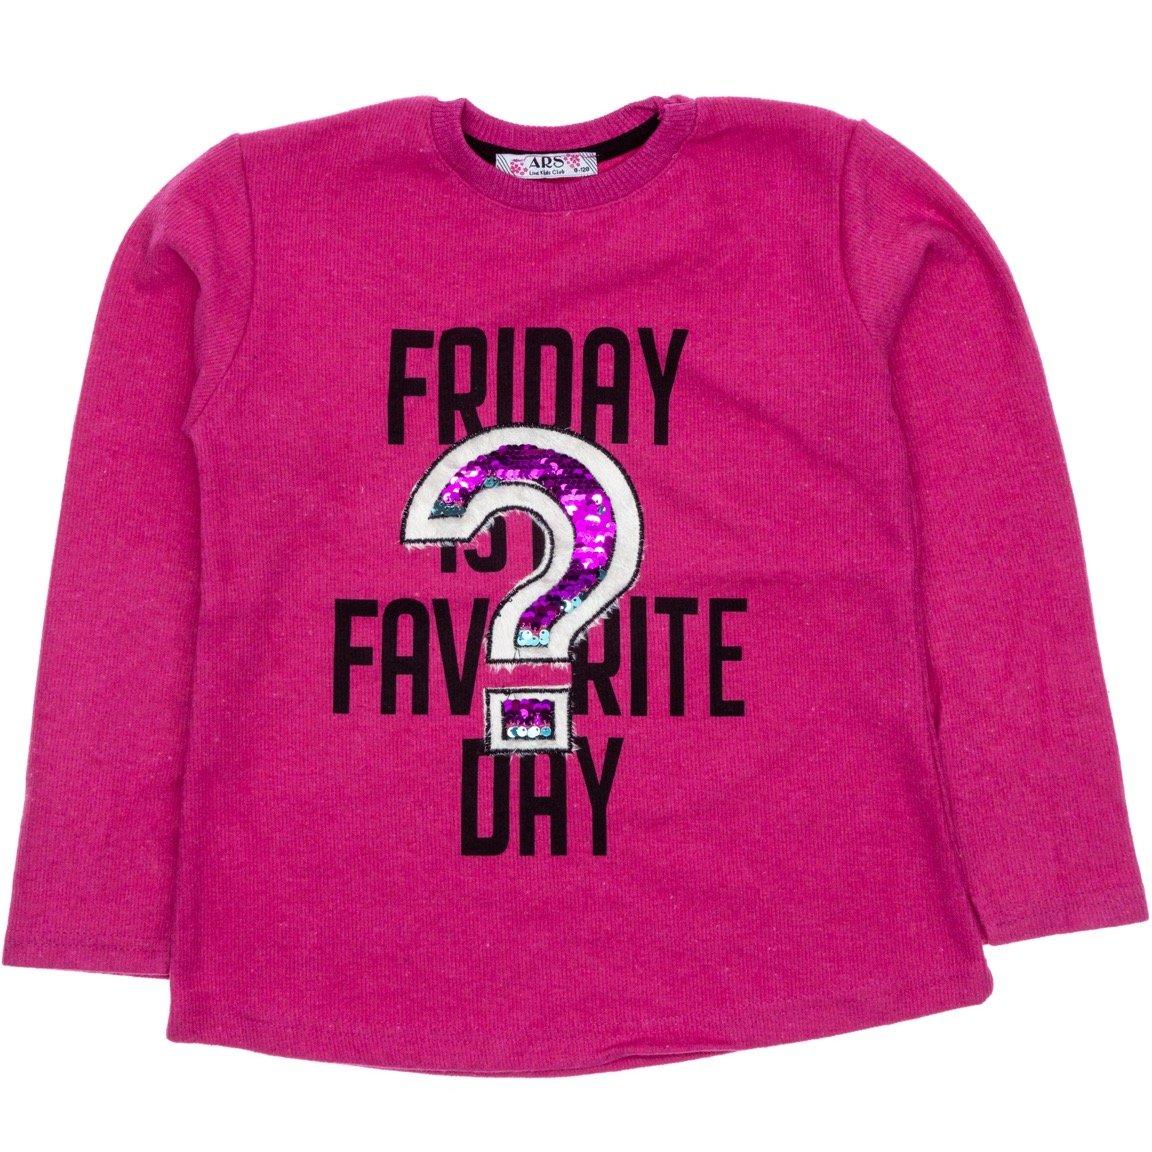 ARS παιδική μπλούζα «Favorite Friday»